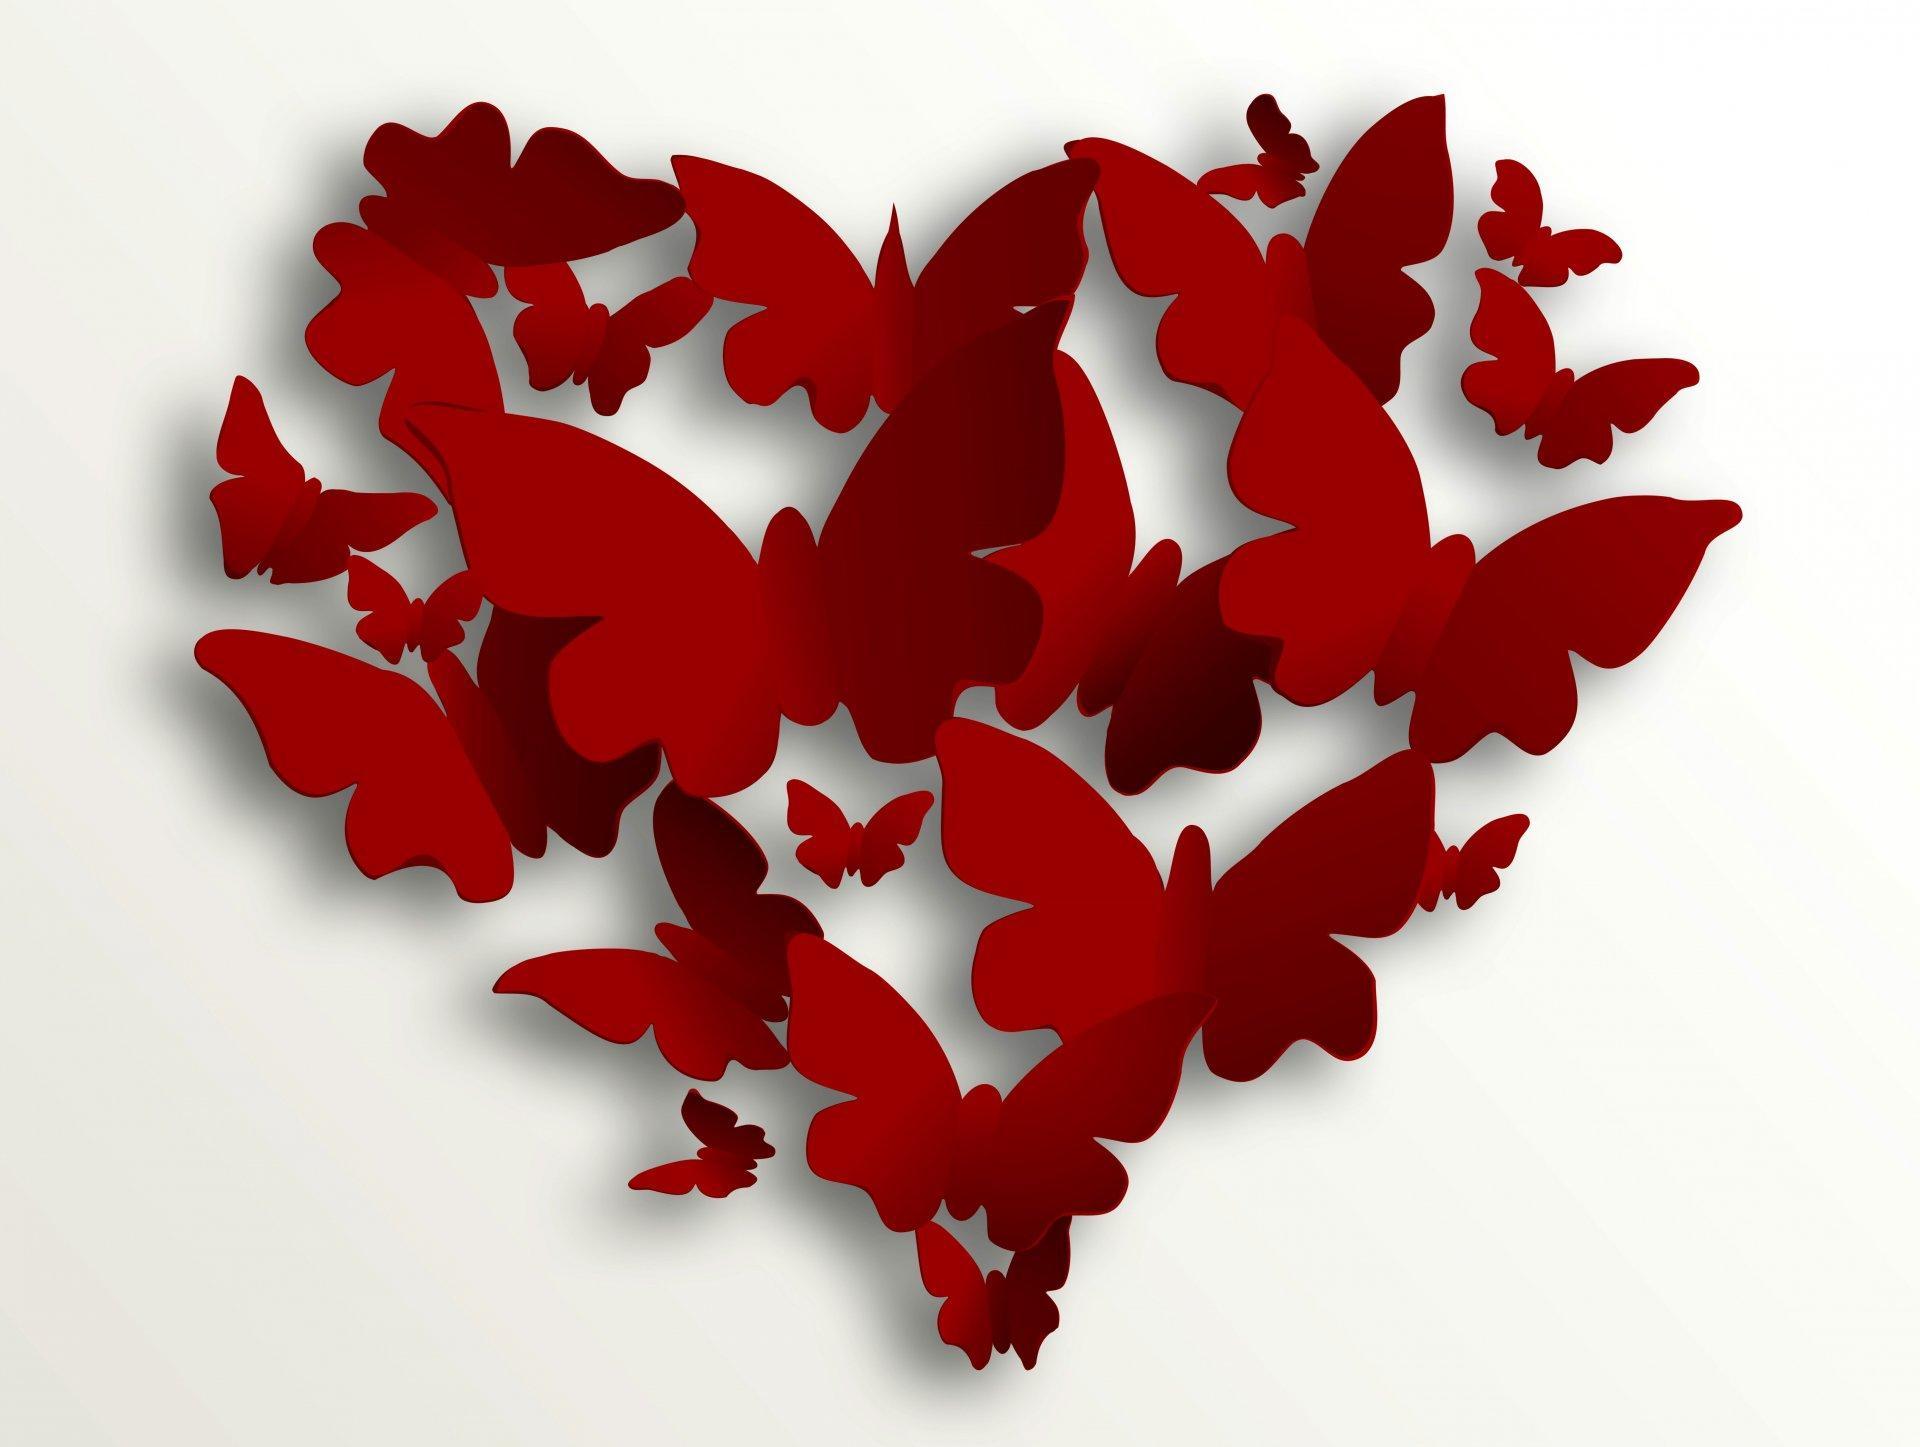 Картинки про любовь с бабочками